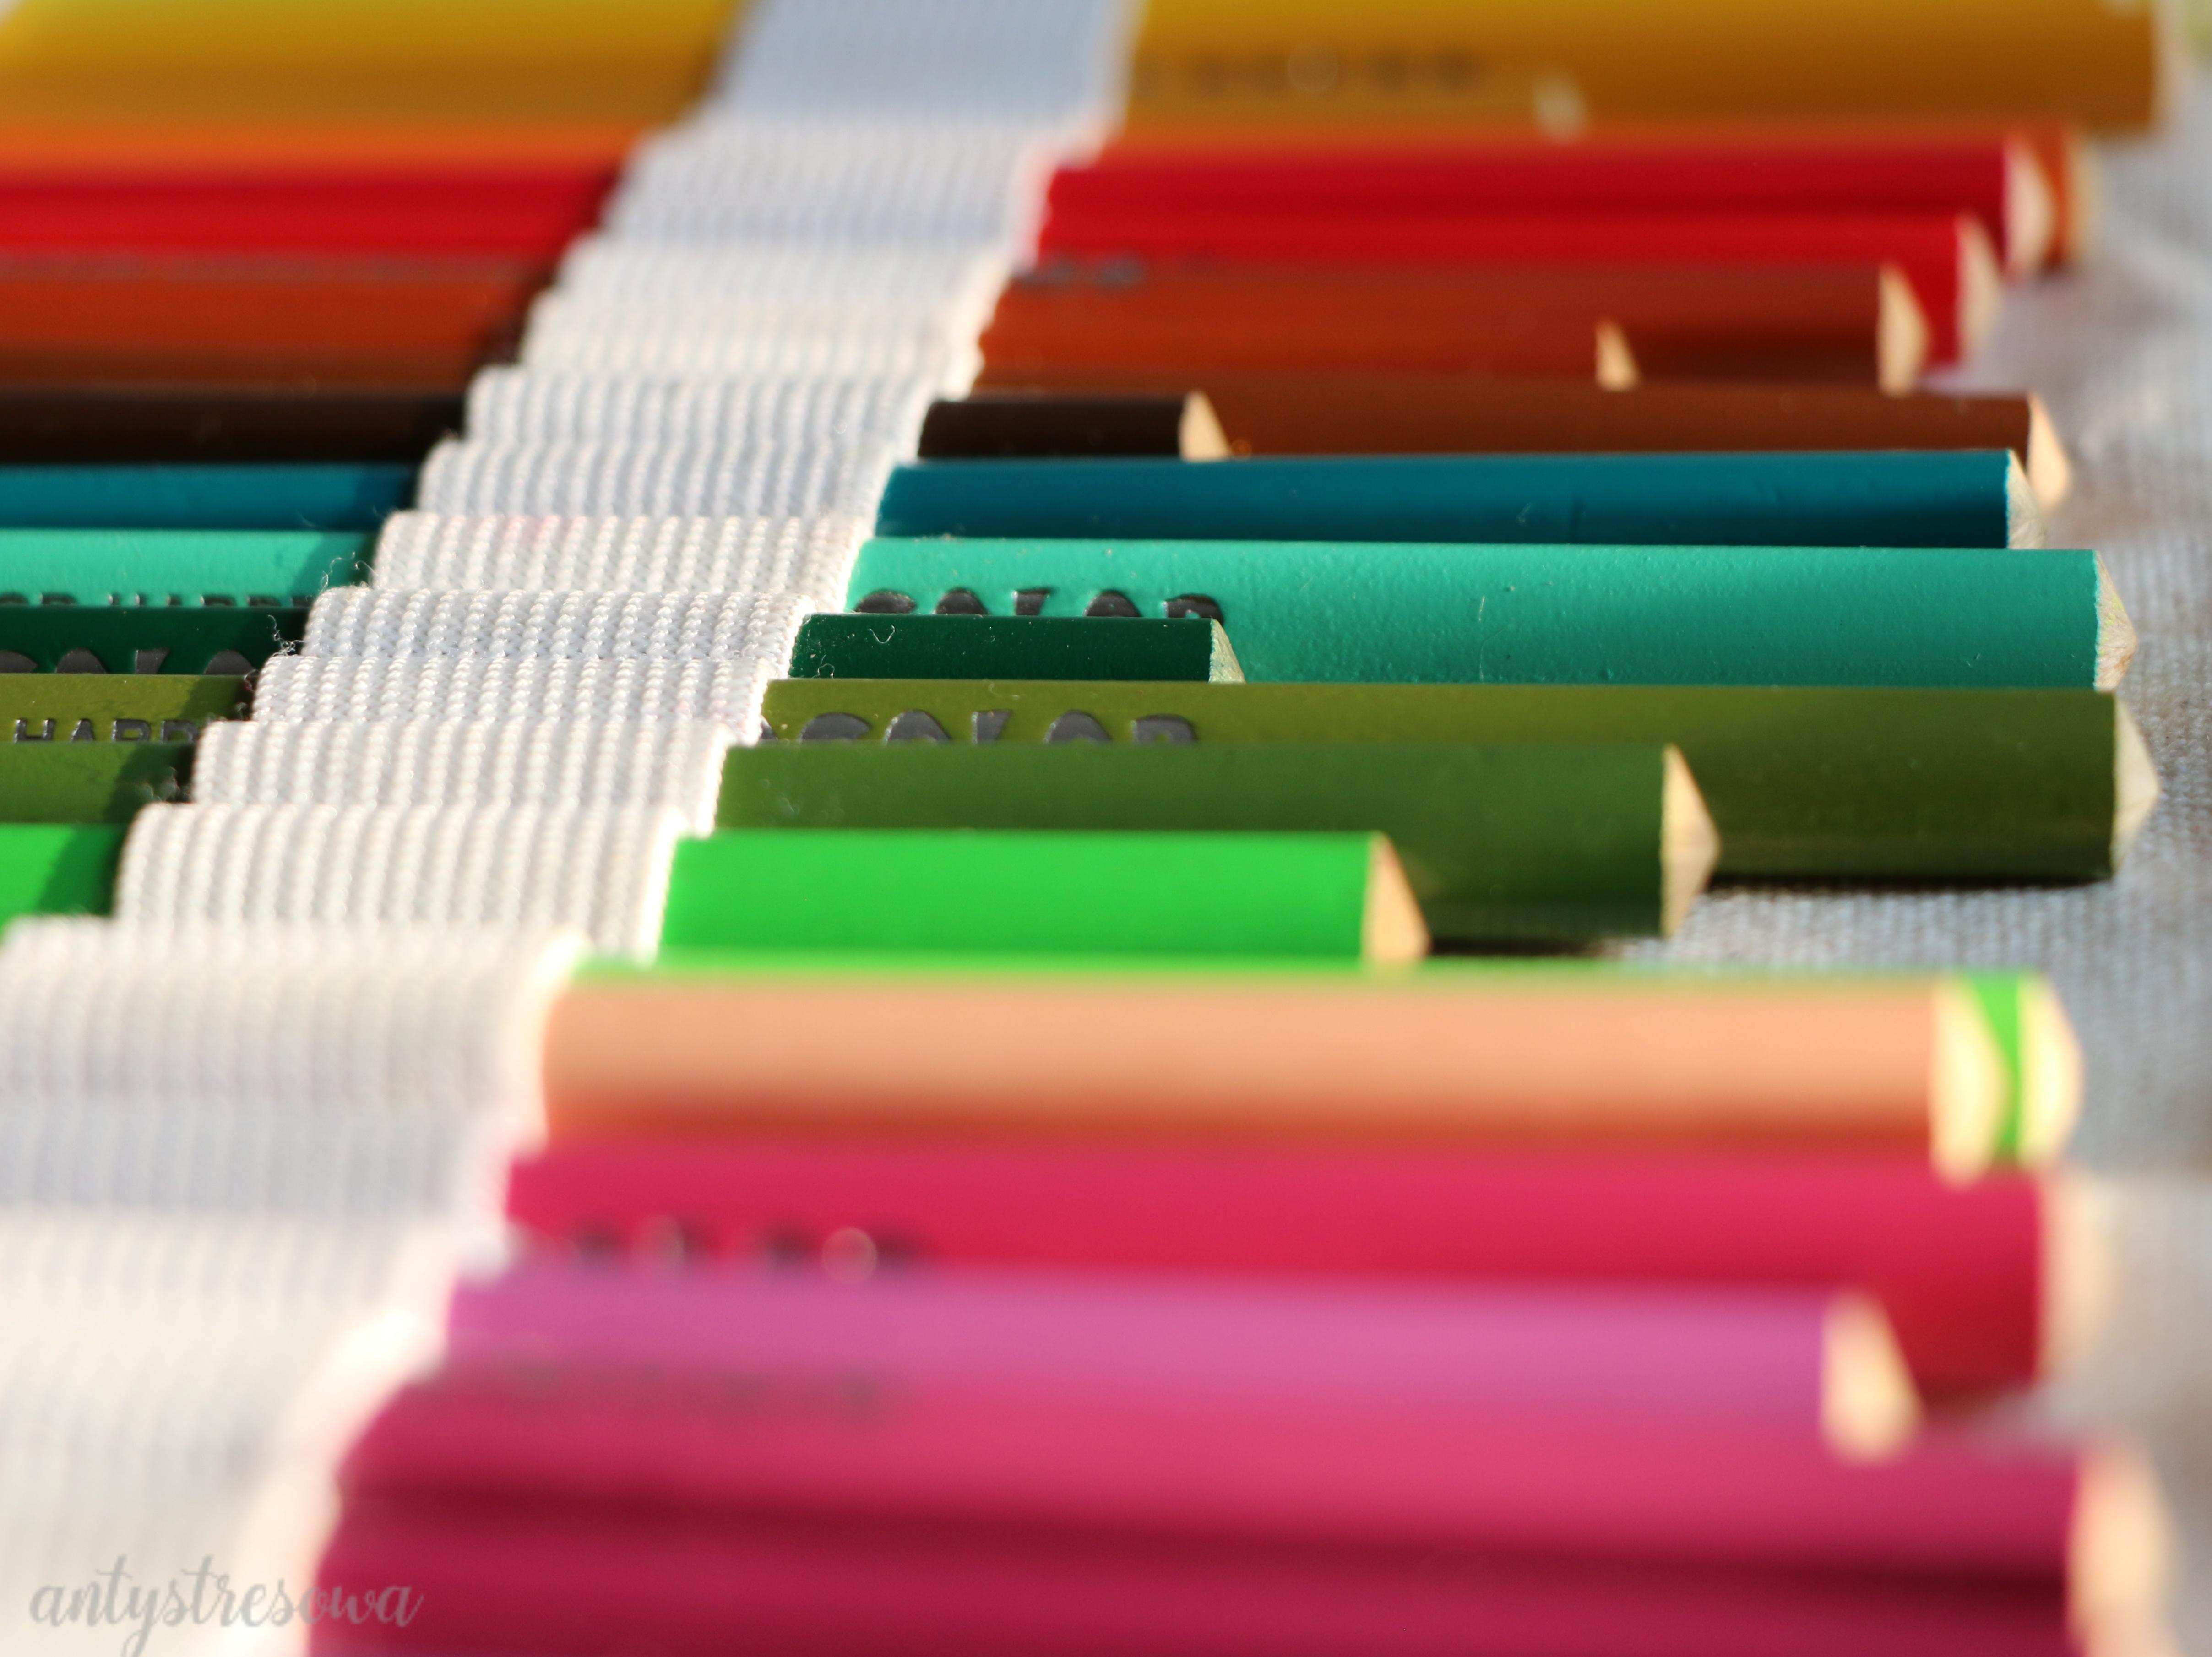 Kredki Koh-I-Noor Tricolor - moje pierwsze kredki